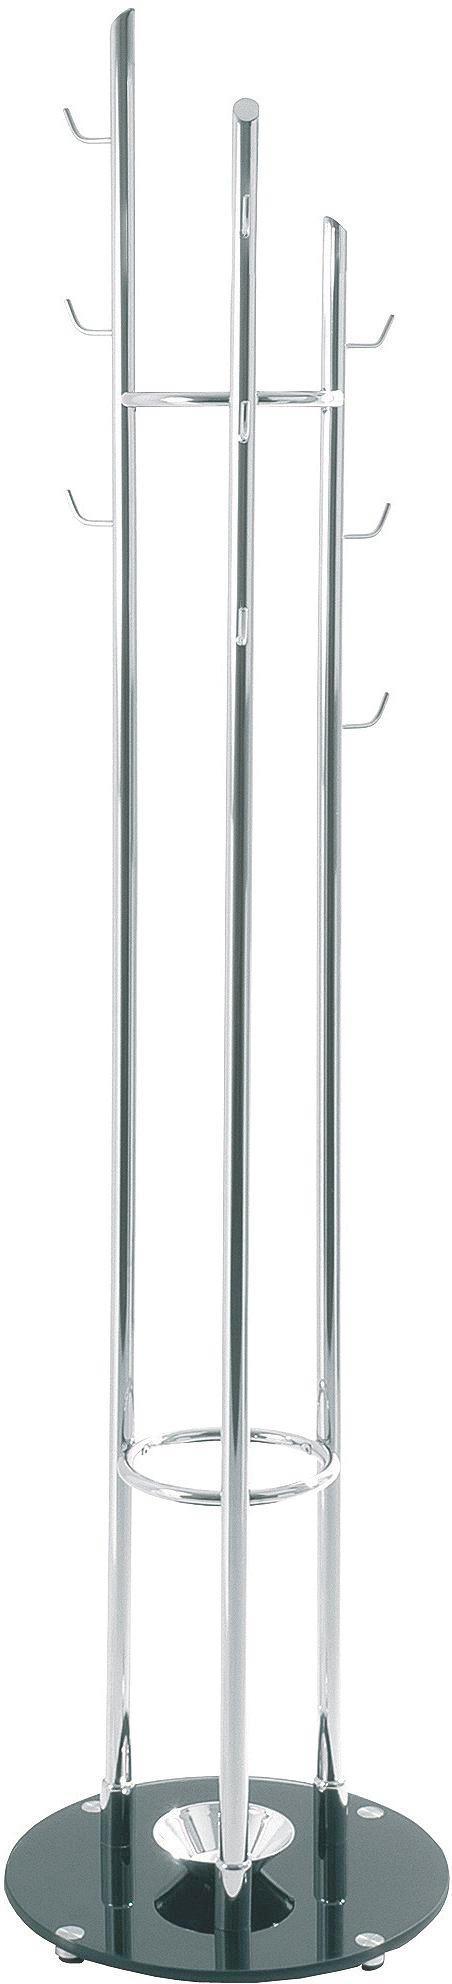 KLEIDERSTÄNDER - Chromfarben/Schwarz, Design, Glas/Metall (40/183cm)